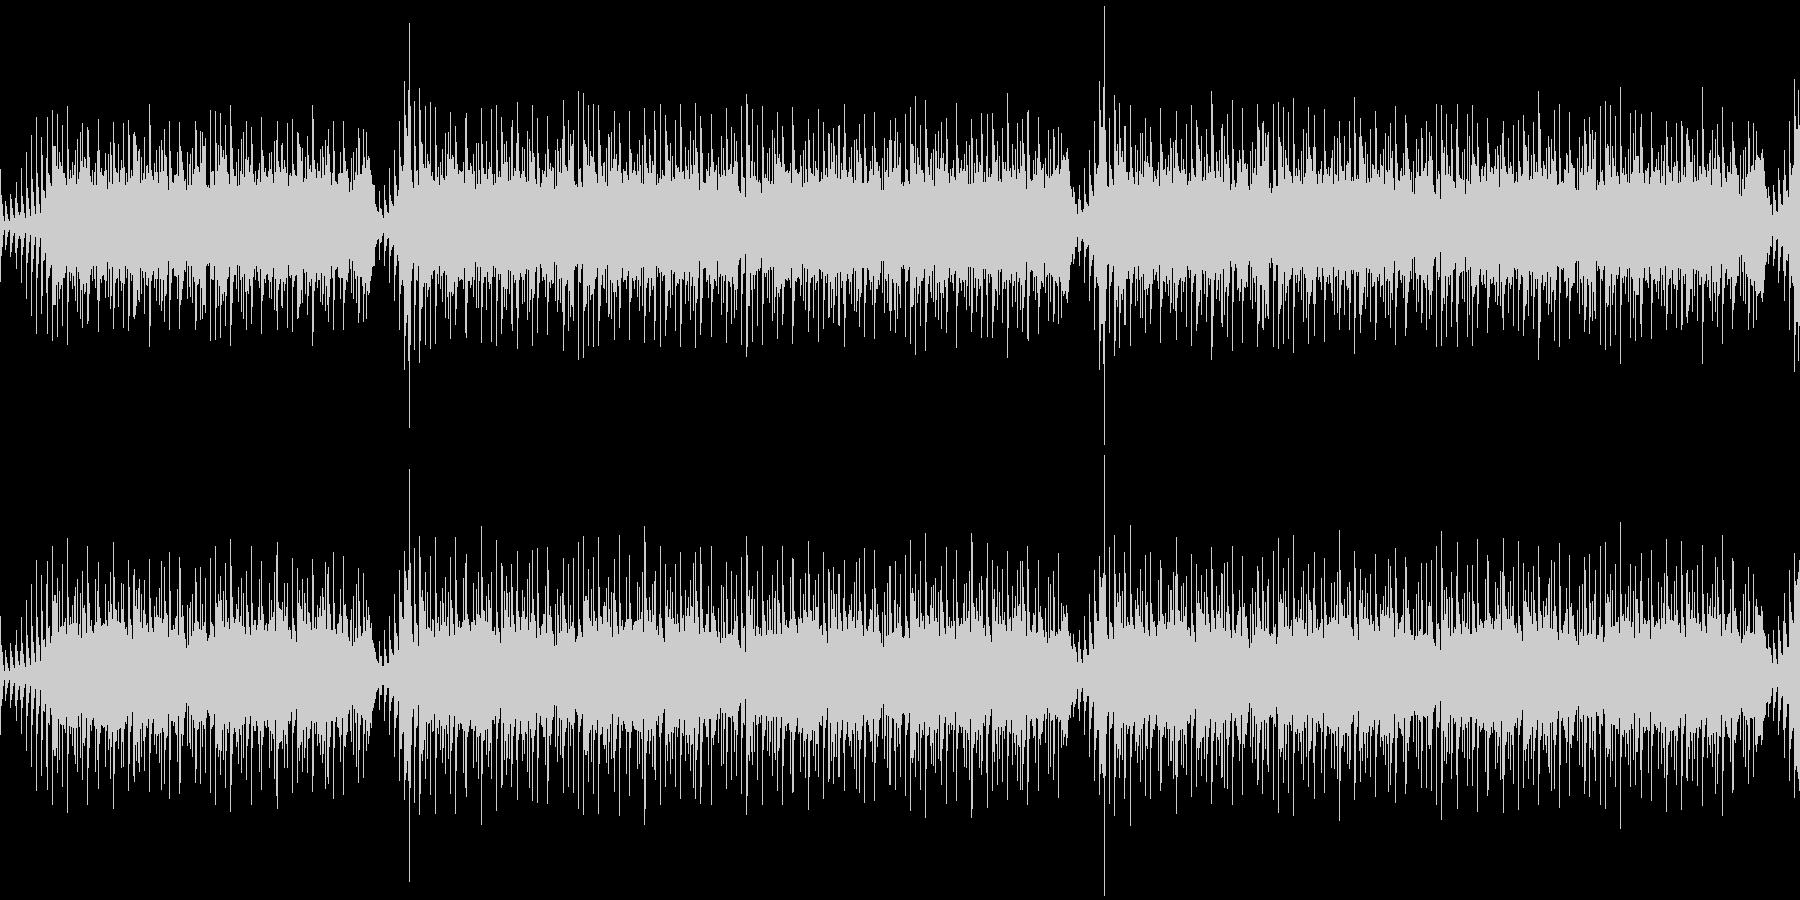 学生の研究課題のアニメーションのBGM…の未再生の波形